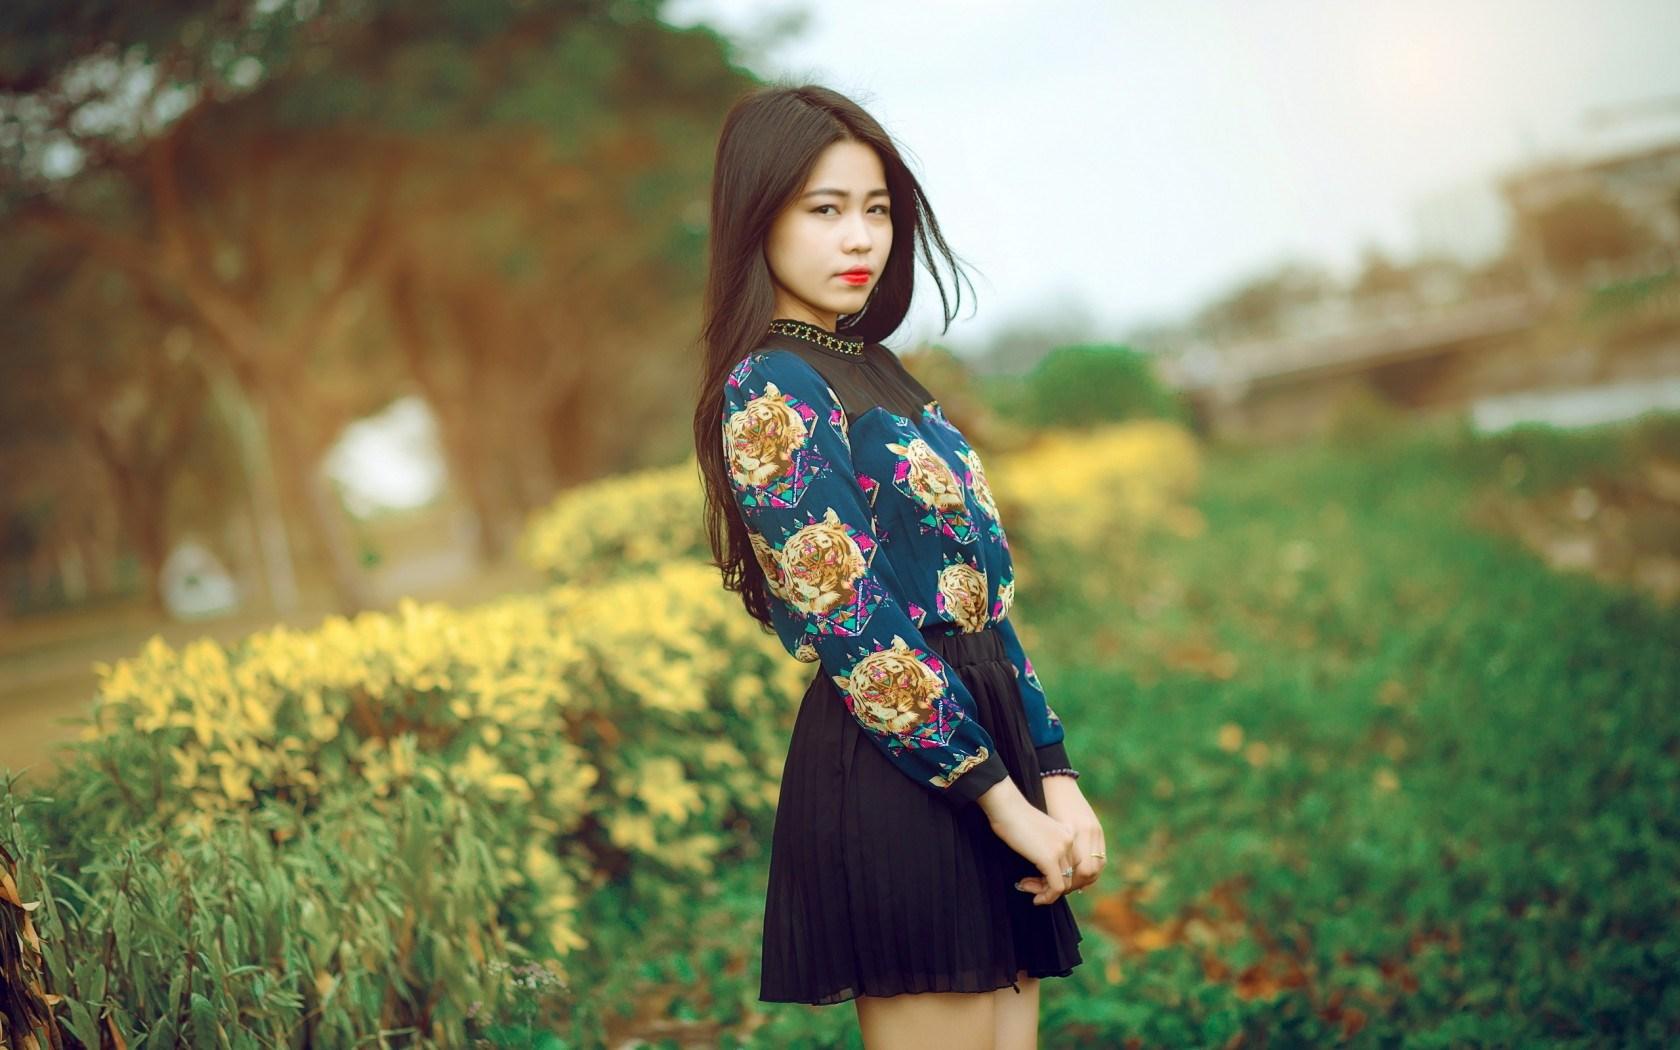 Fashion Girl Asian Brunette